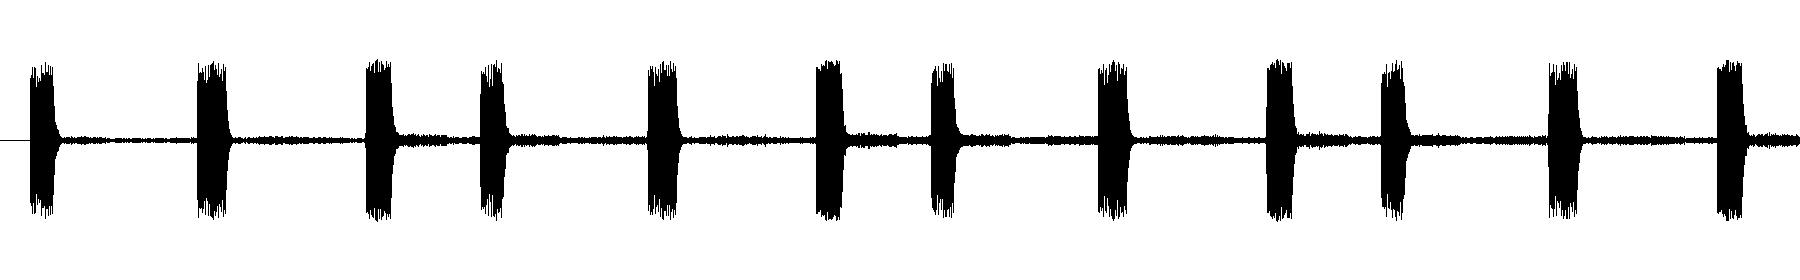 pth synth 19b